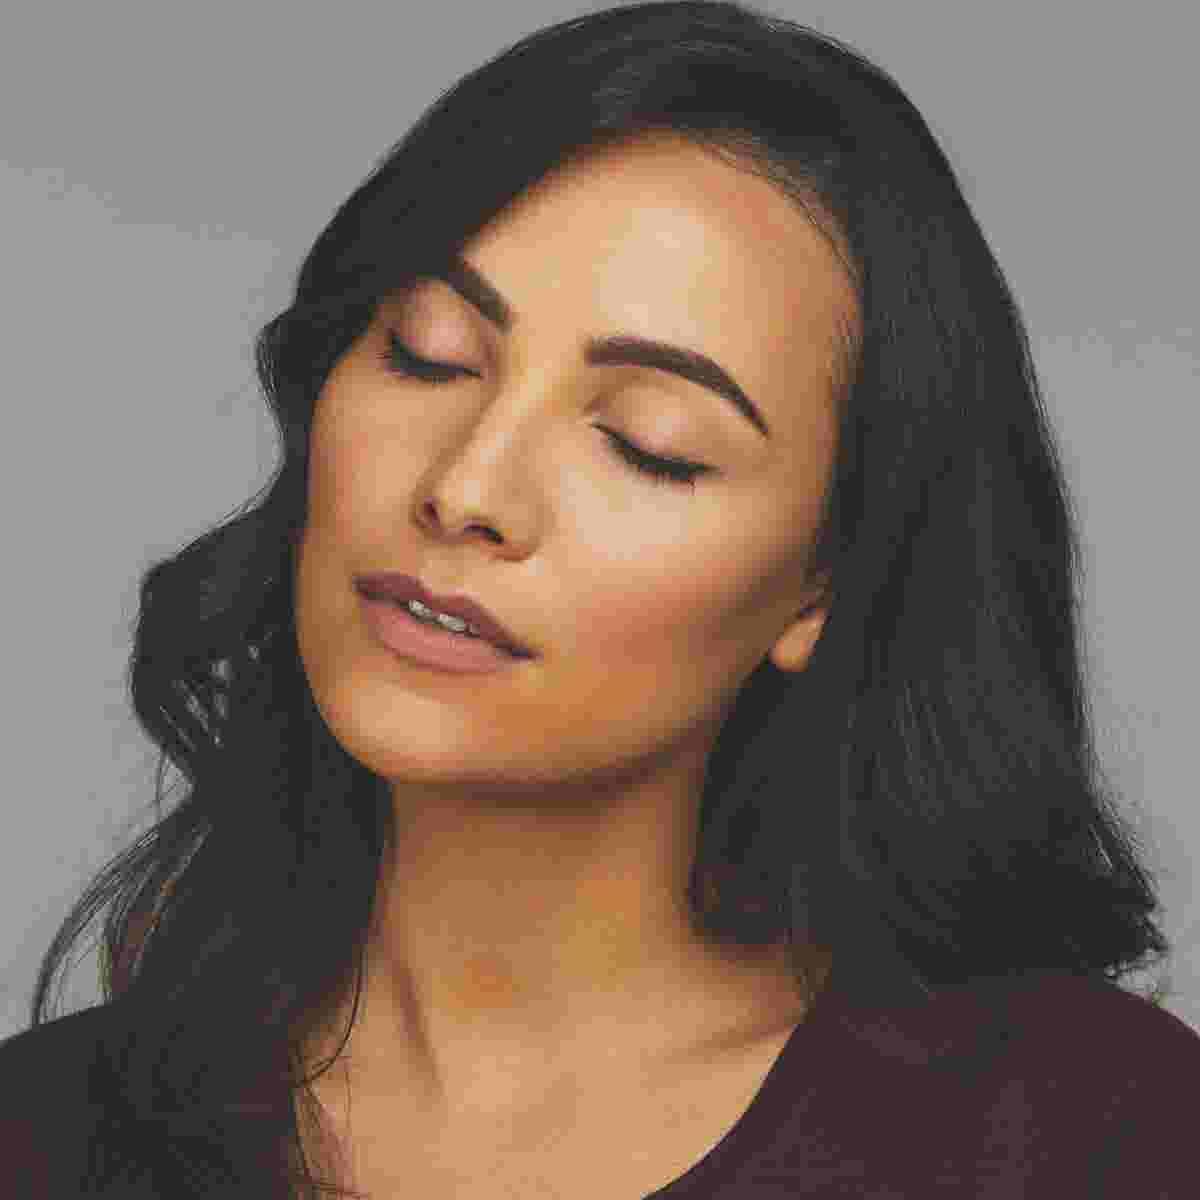 Winged eyeliner tutorial final look